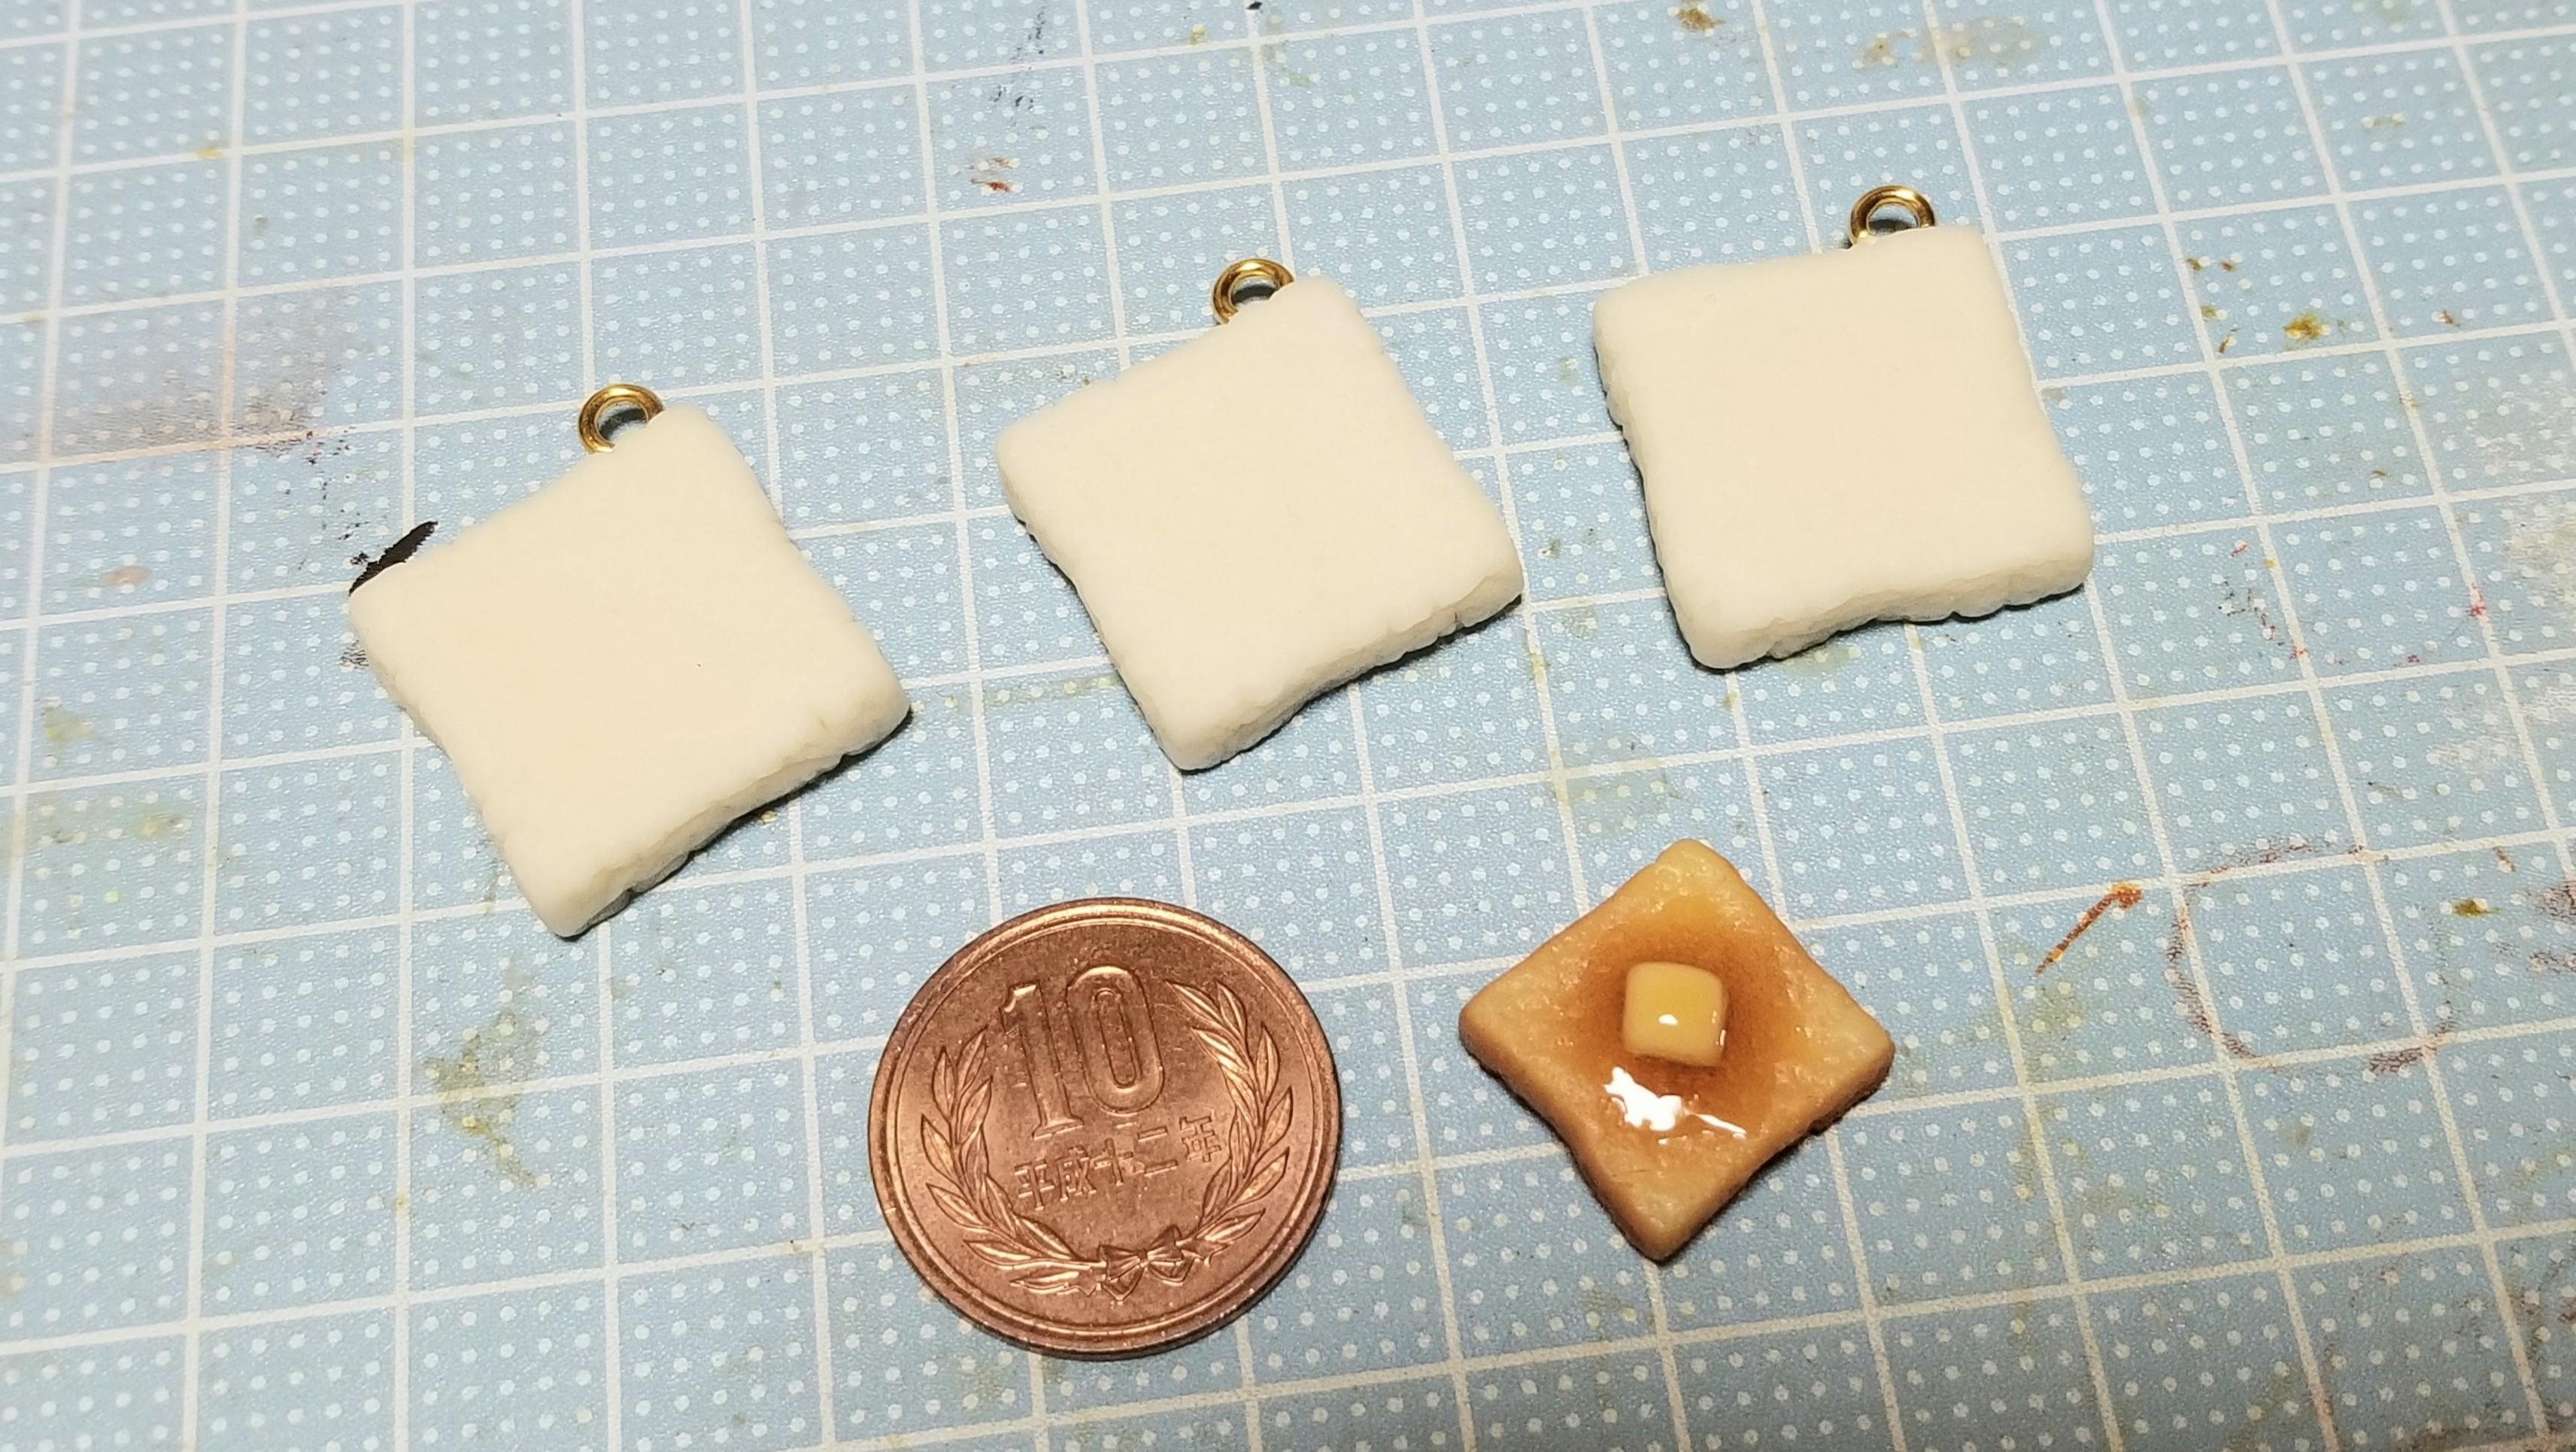 ミニチュアフード食パントースト樹脂粘土作り方美味しいミンネ人気